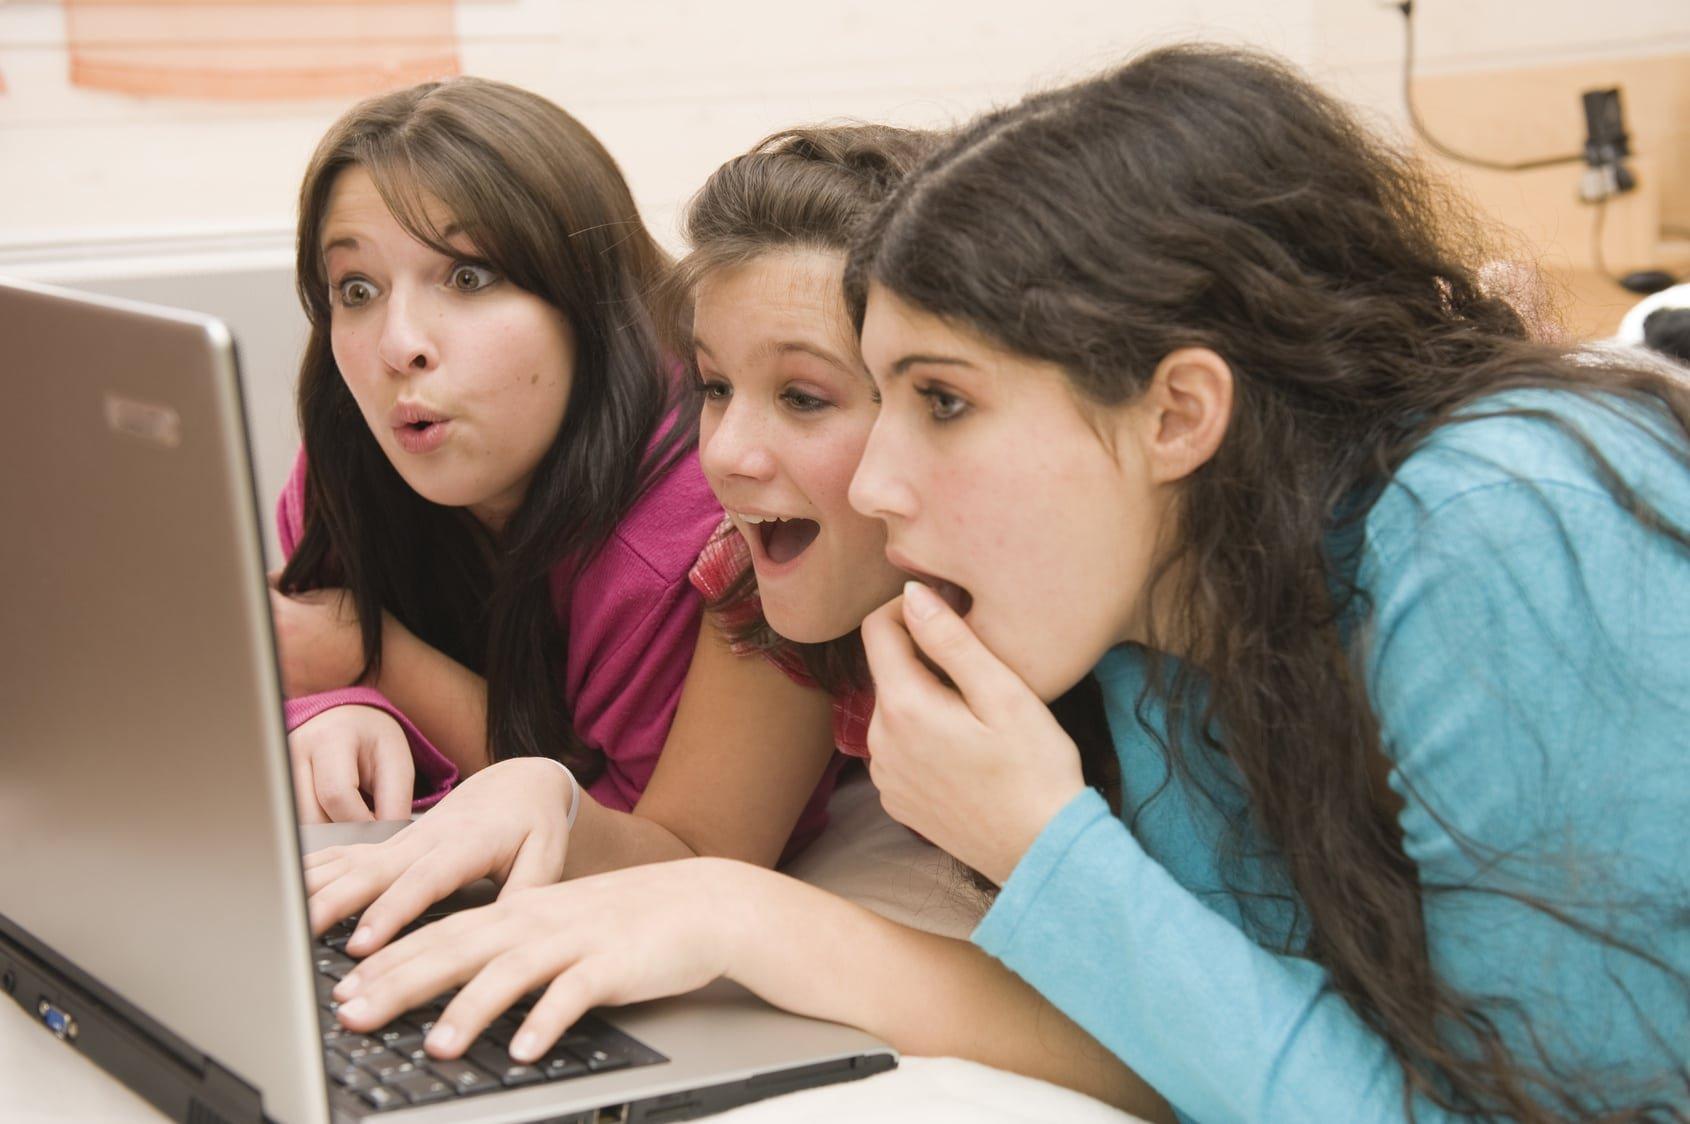 знакомство с девушкой в интернете